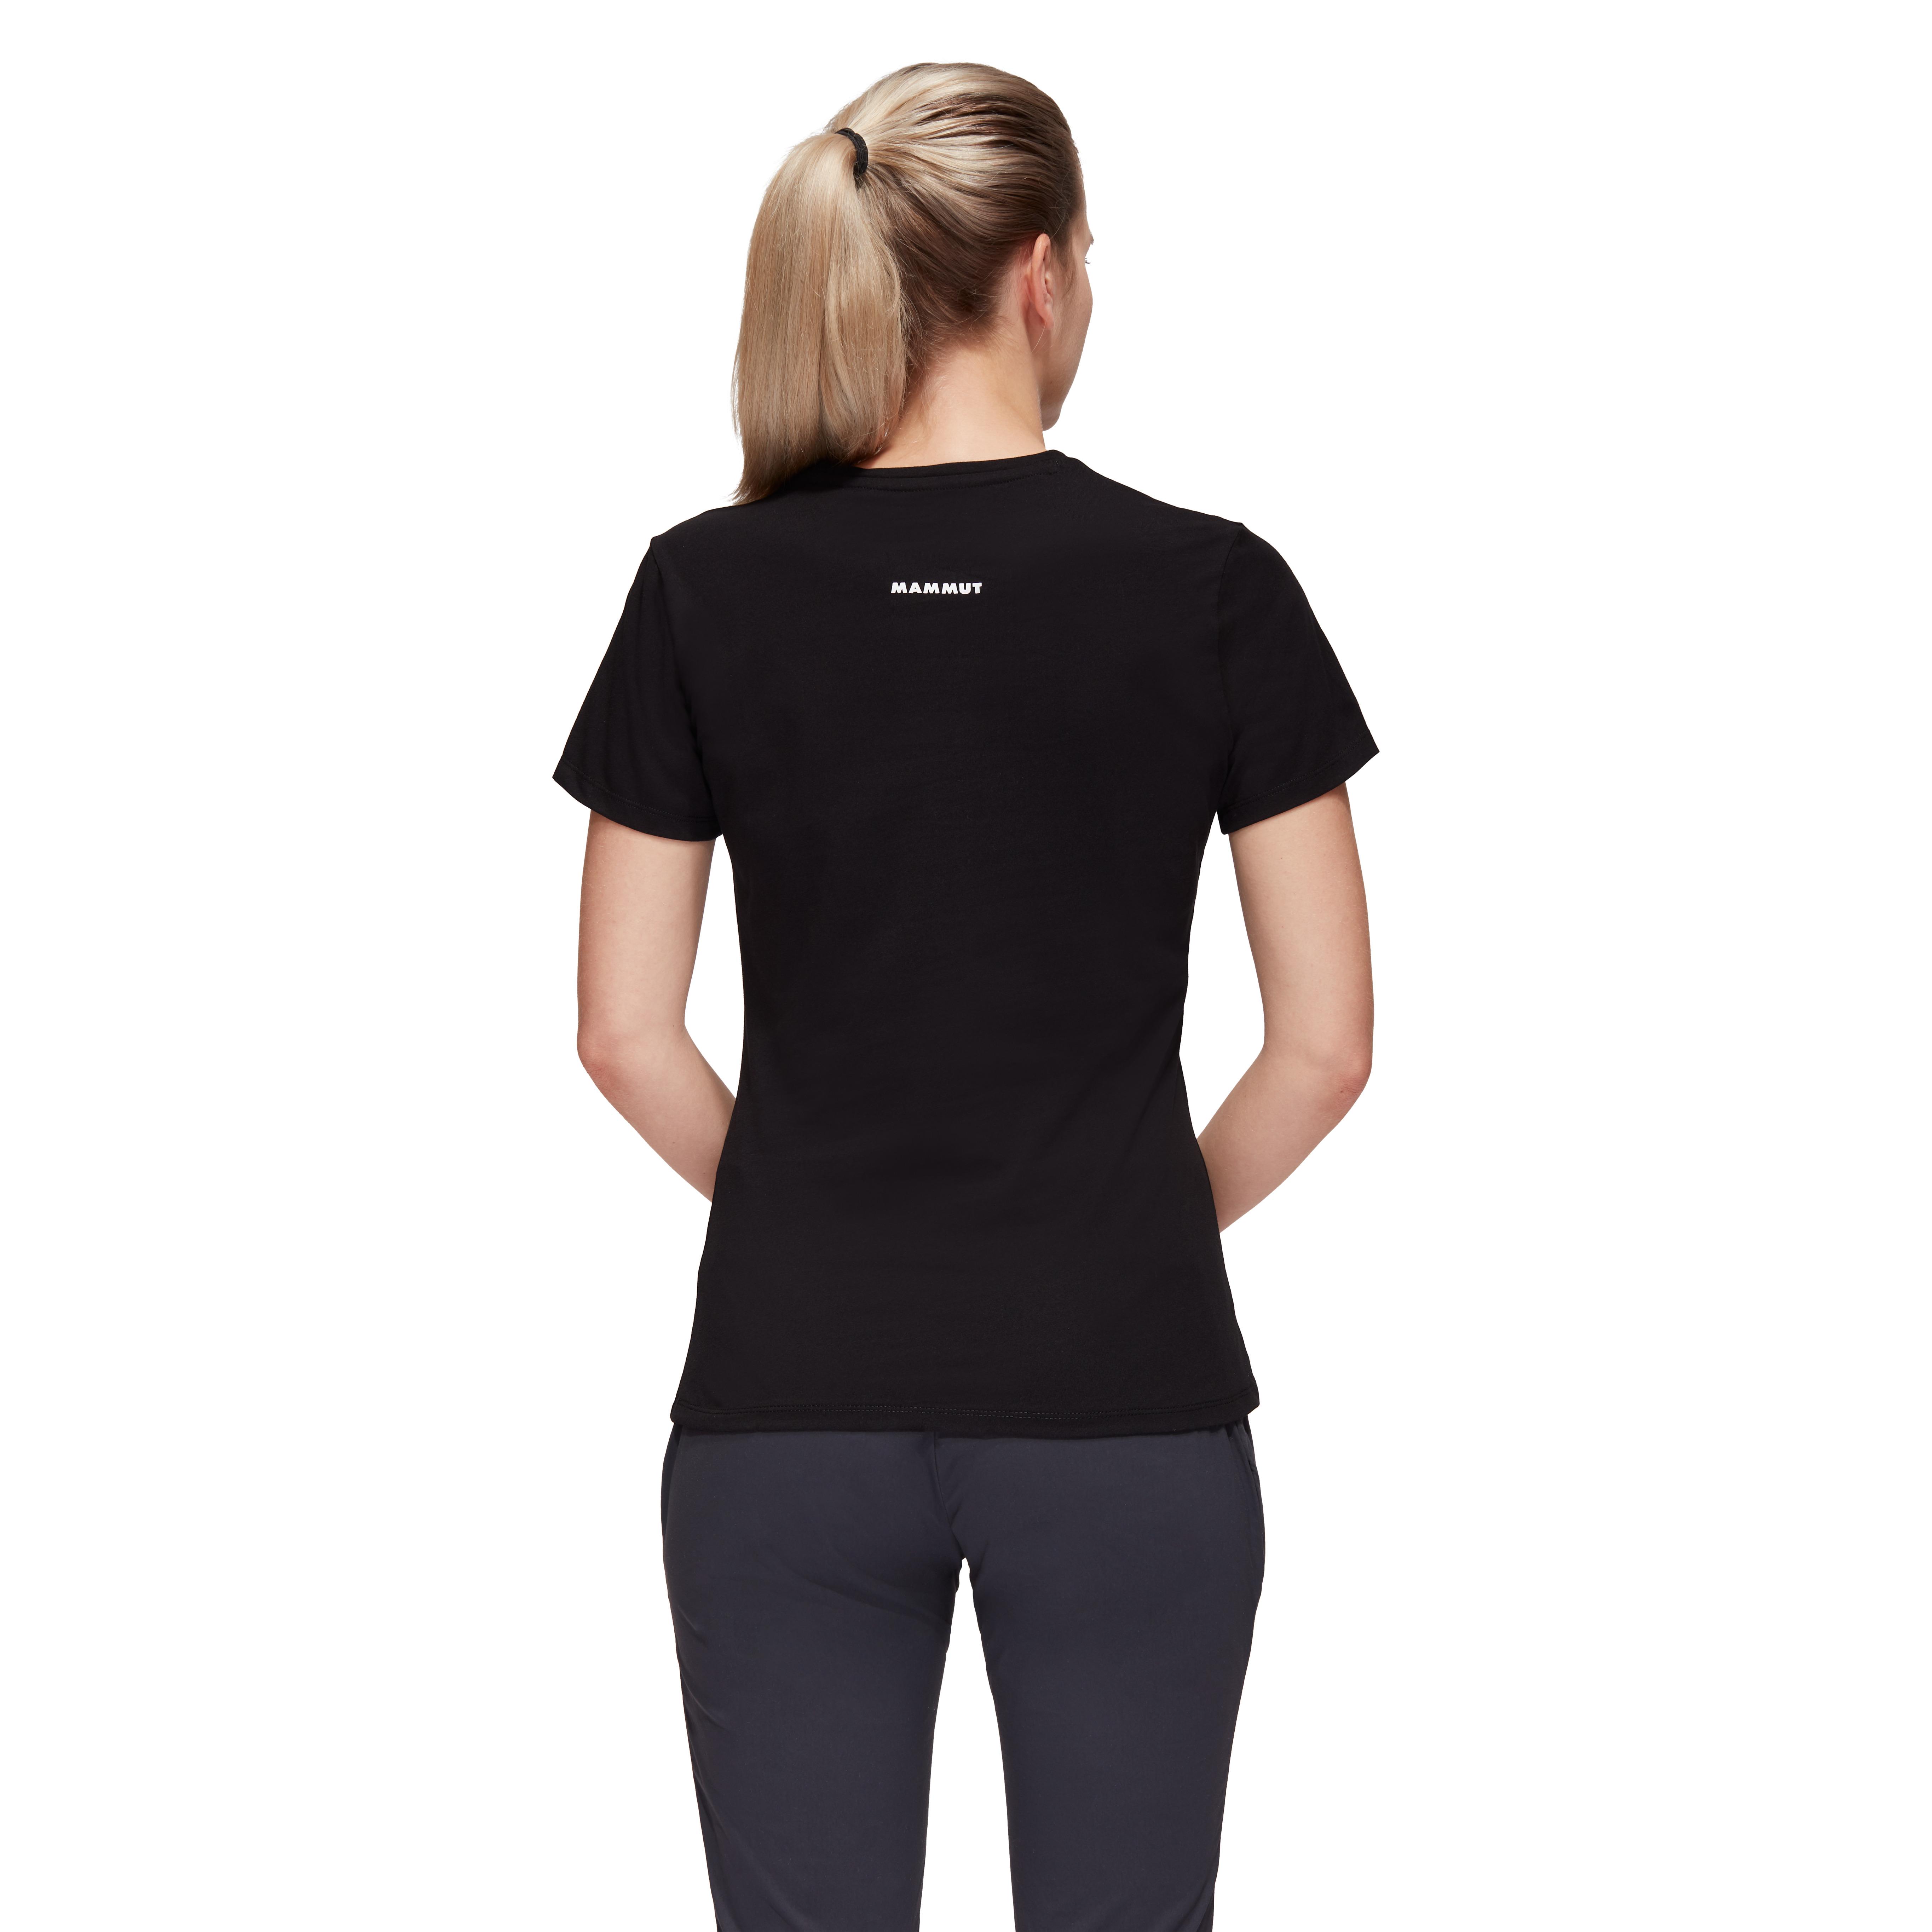 Peaks T-Shirt Women [2]